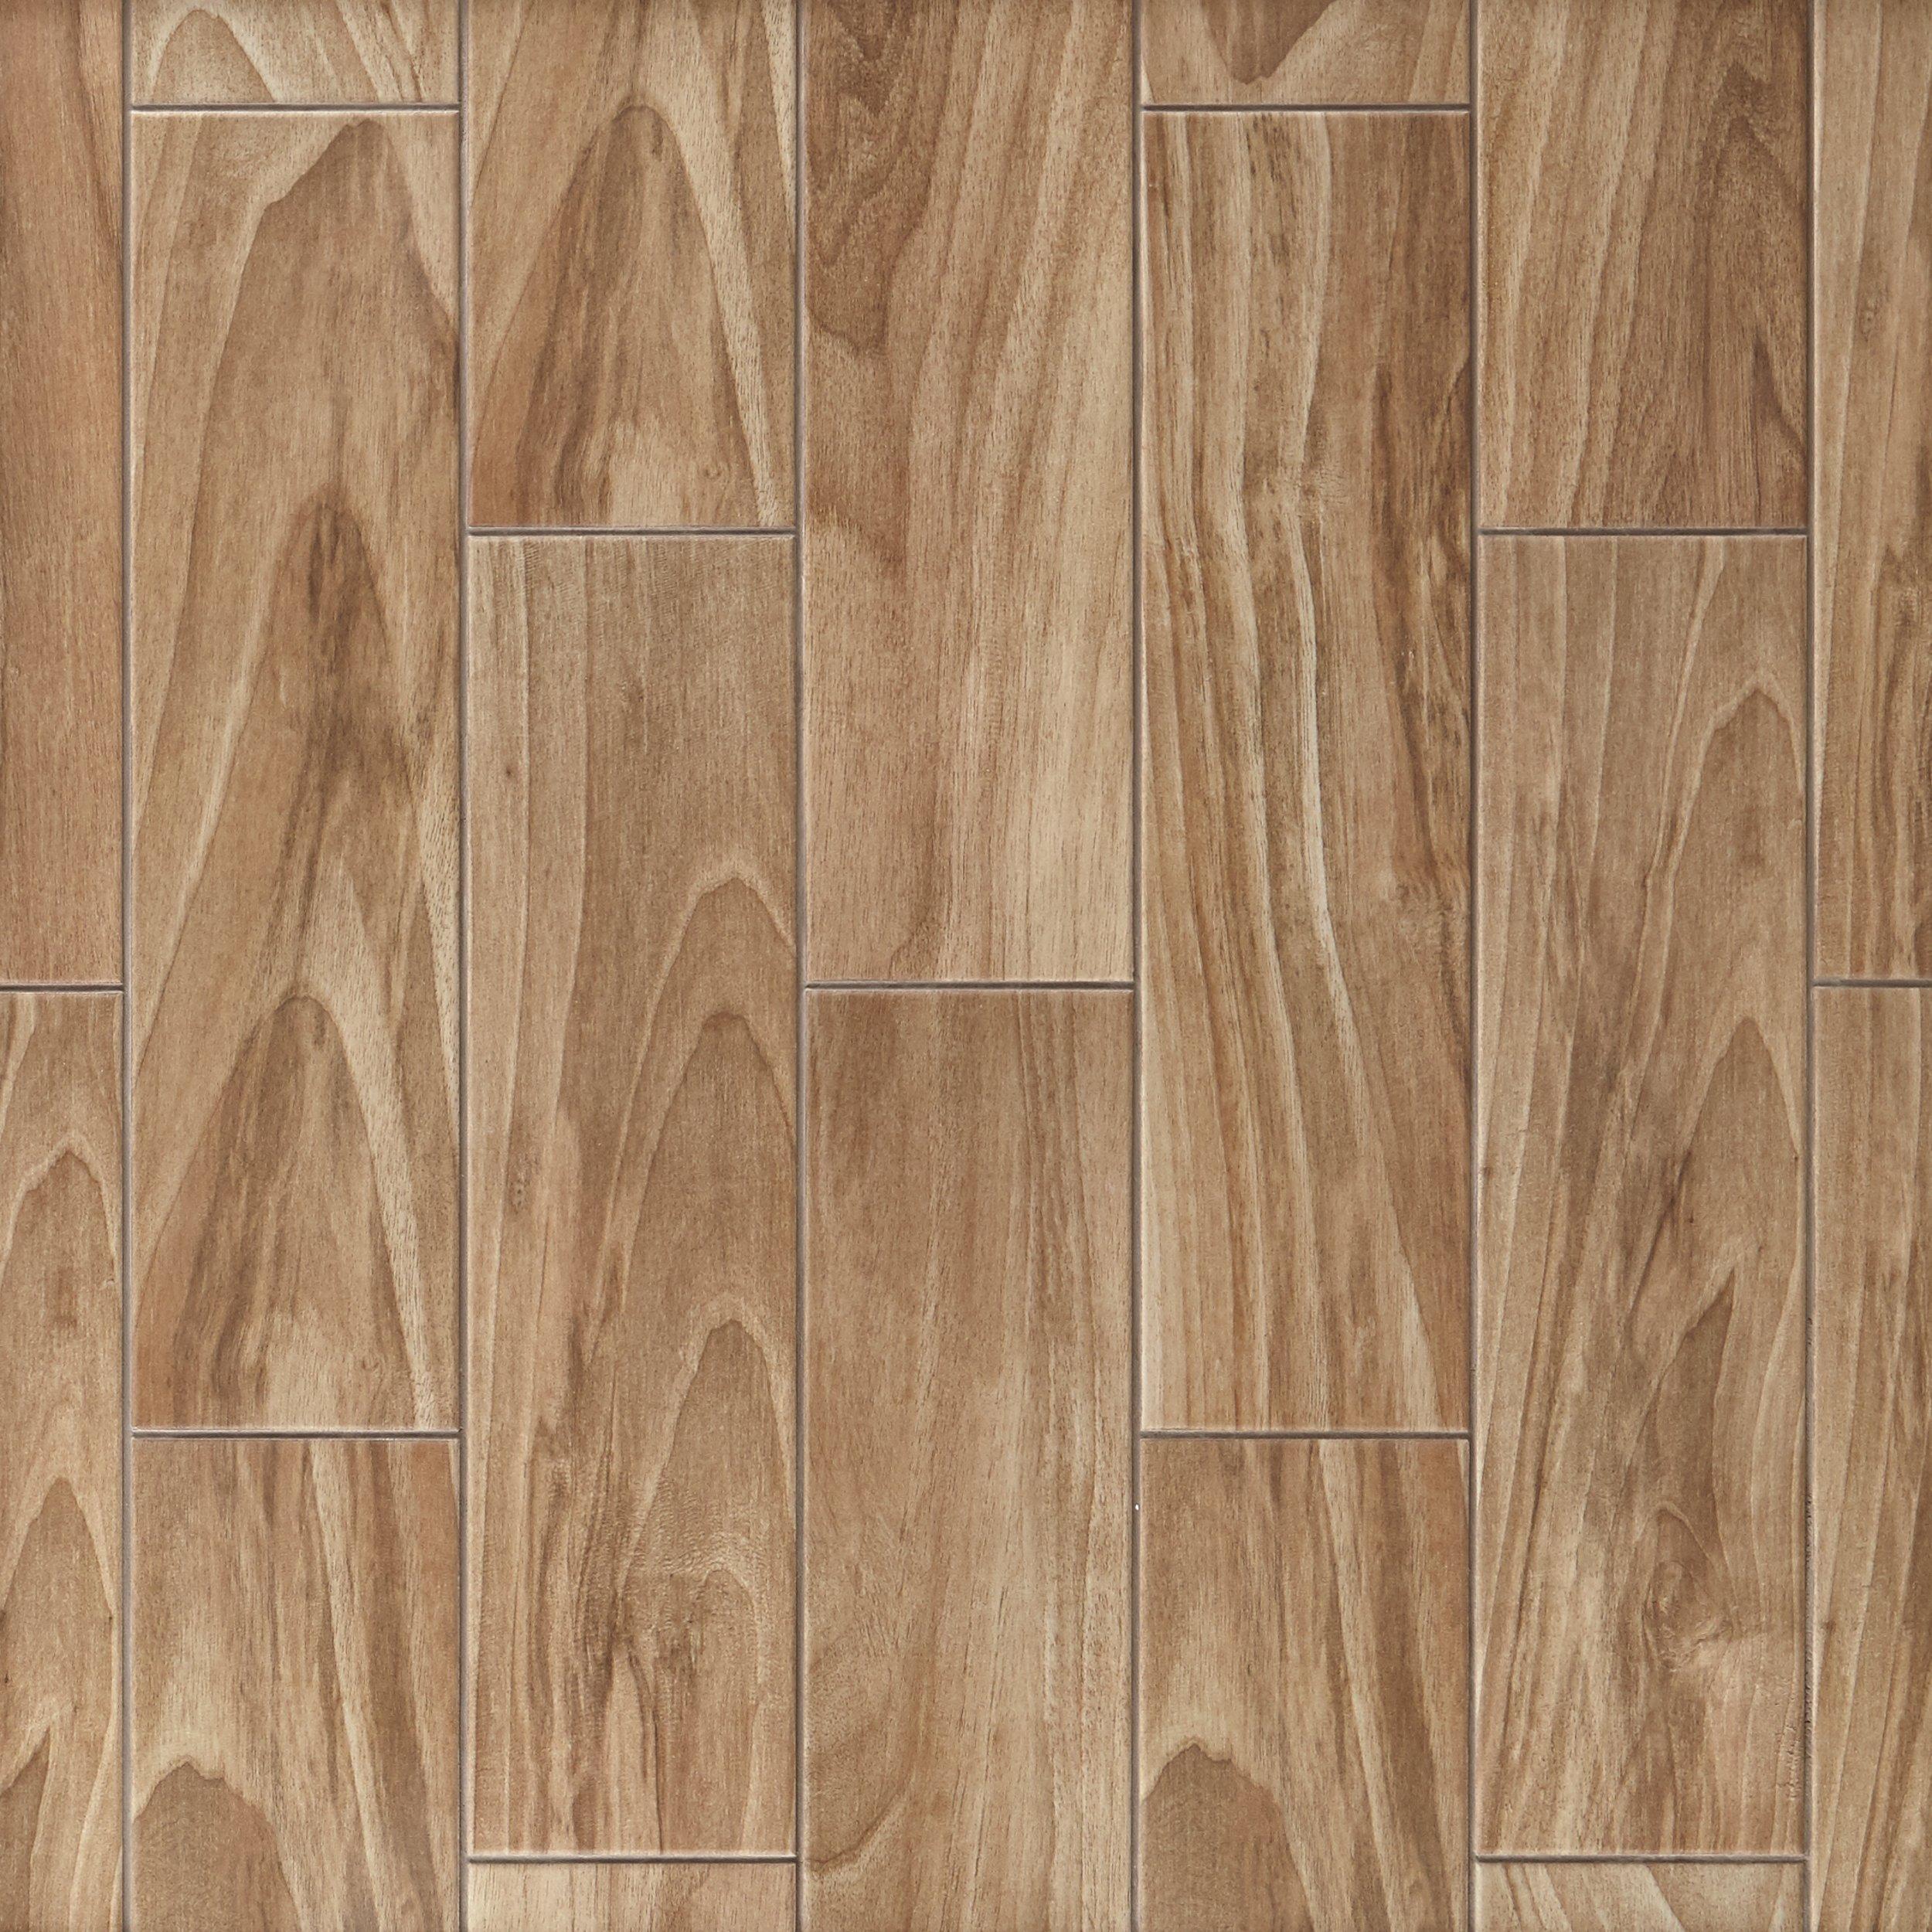 Dayton Oak Wood Plank Ceramic Tile 6 X 24 100512243 Floor